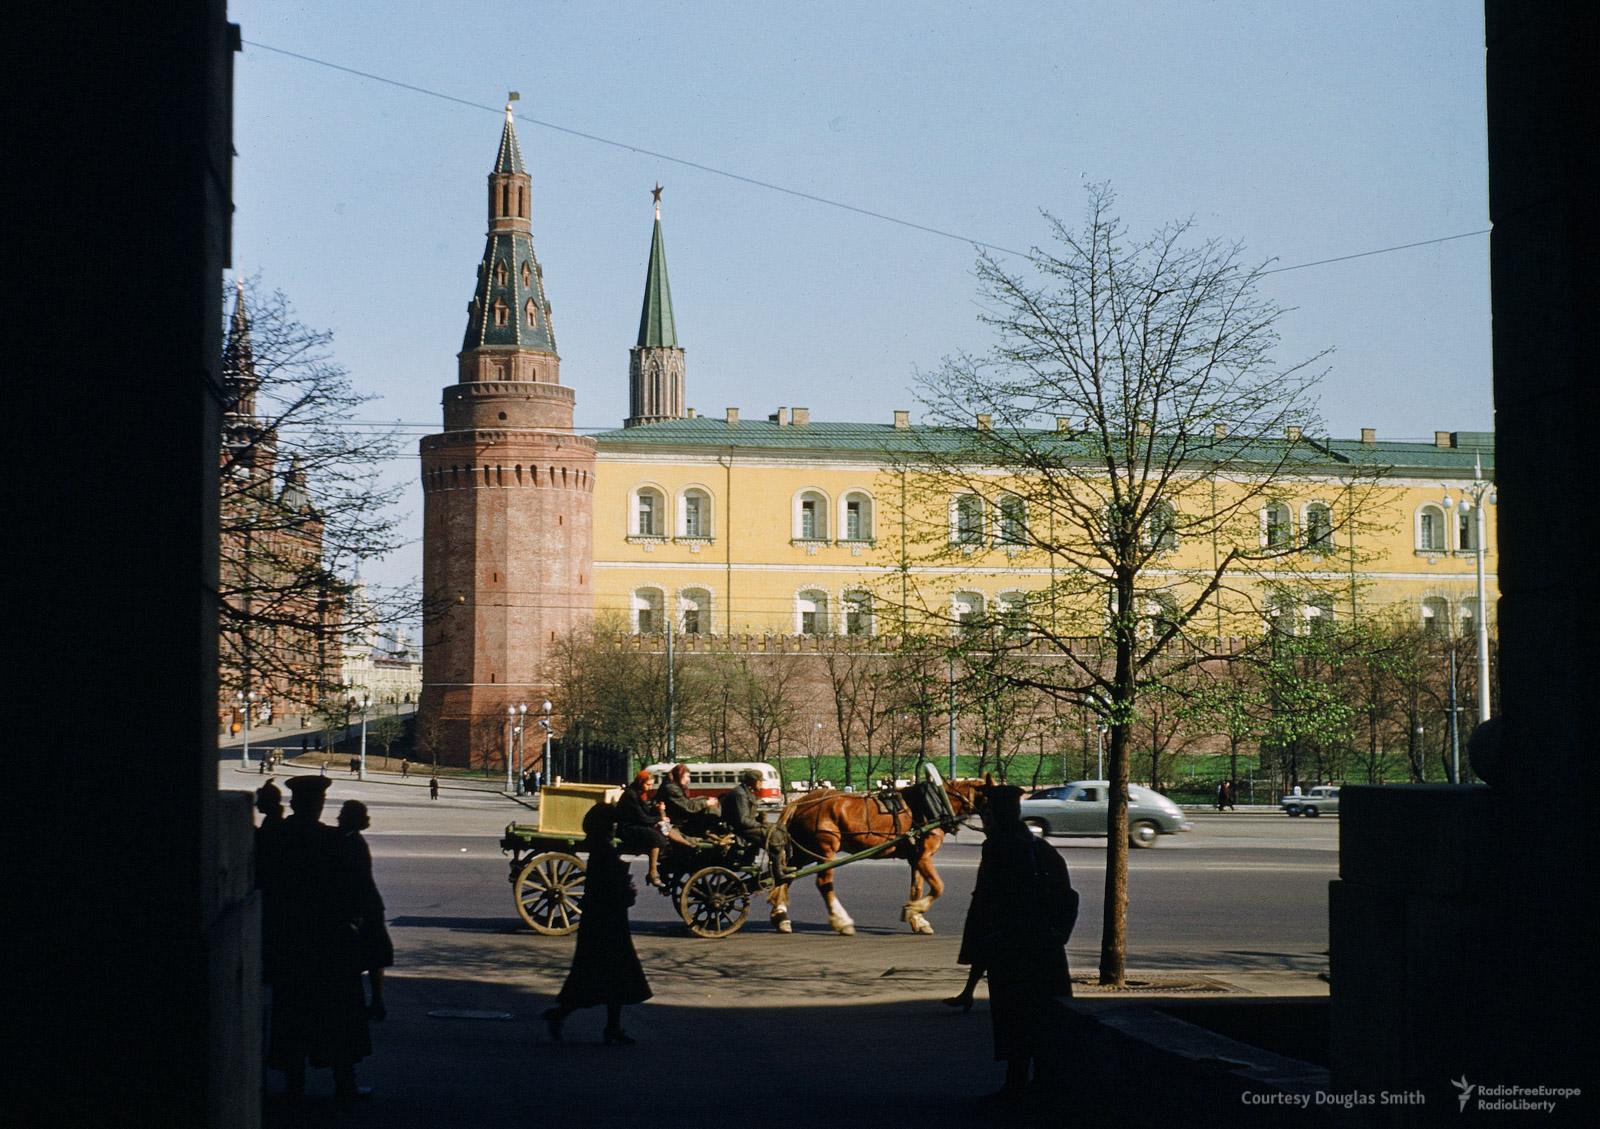 Вид на Кремль из арки здания на Моховой улице, где в 50-х годах прошлого века располагалось американское посольство